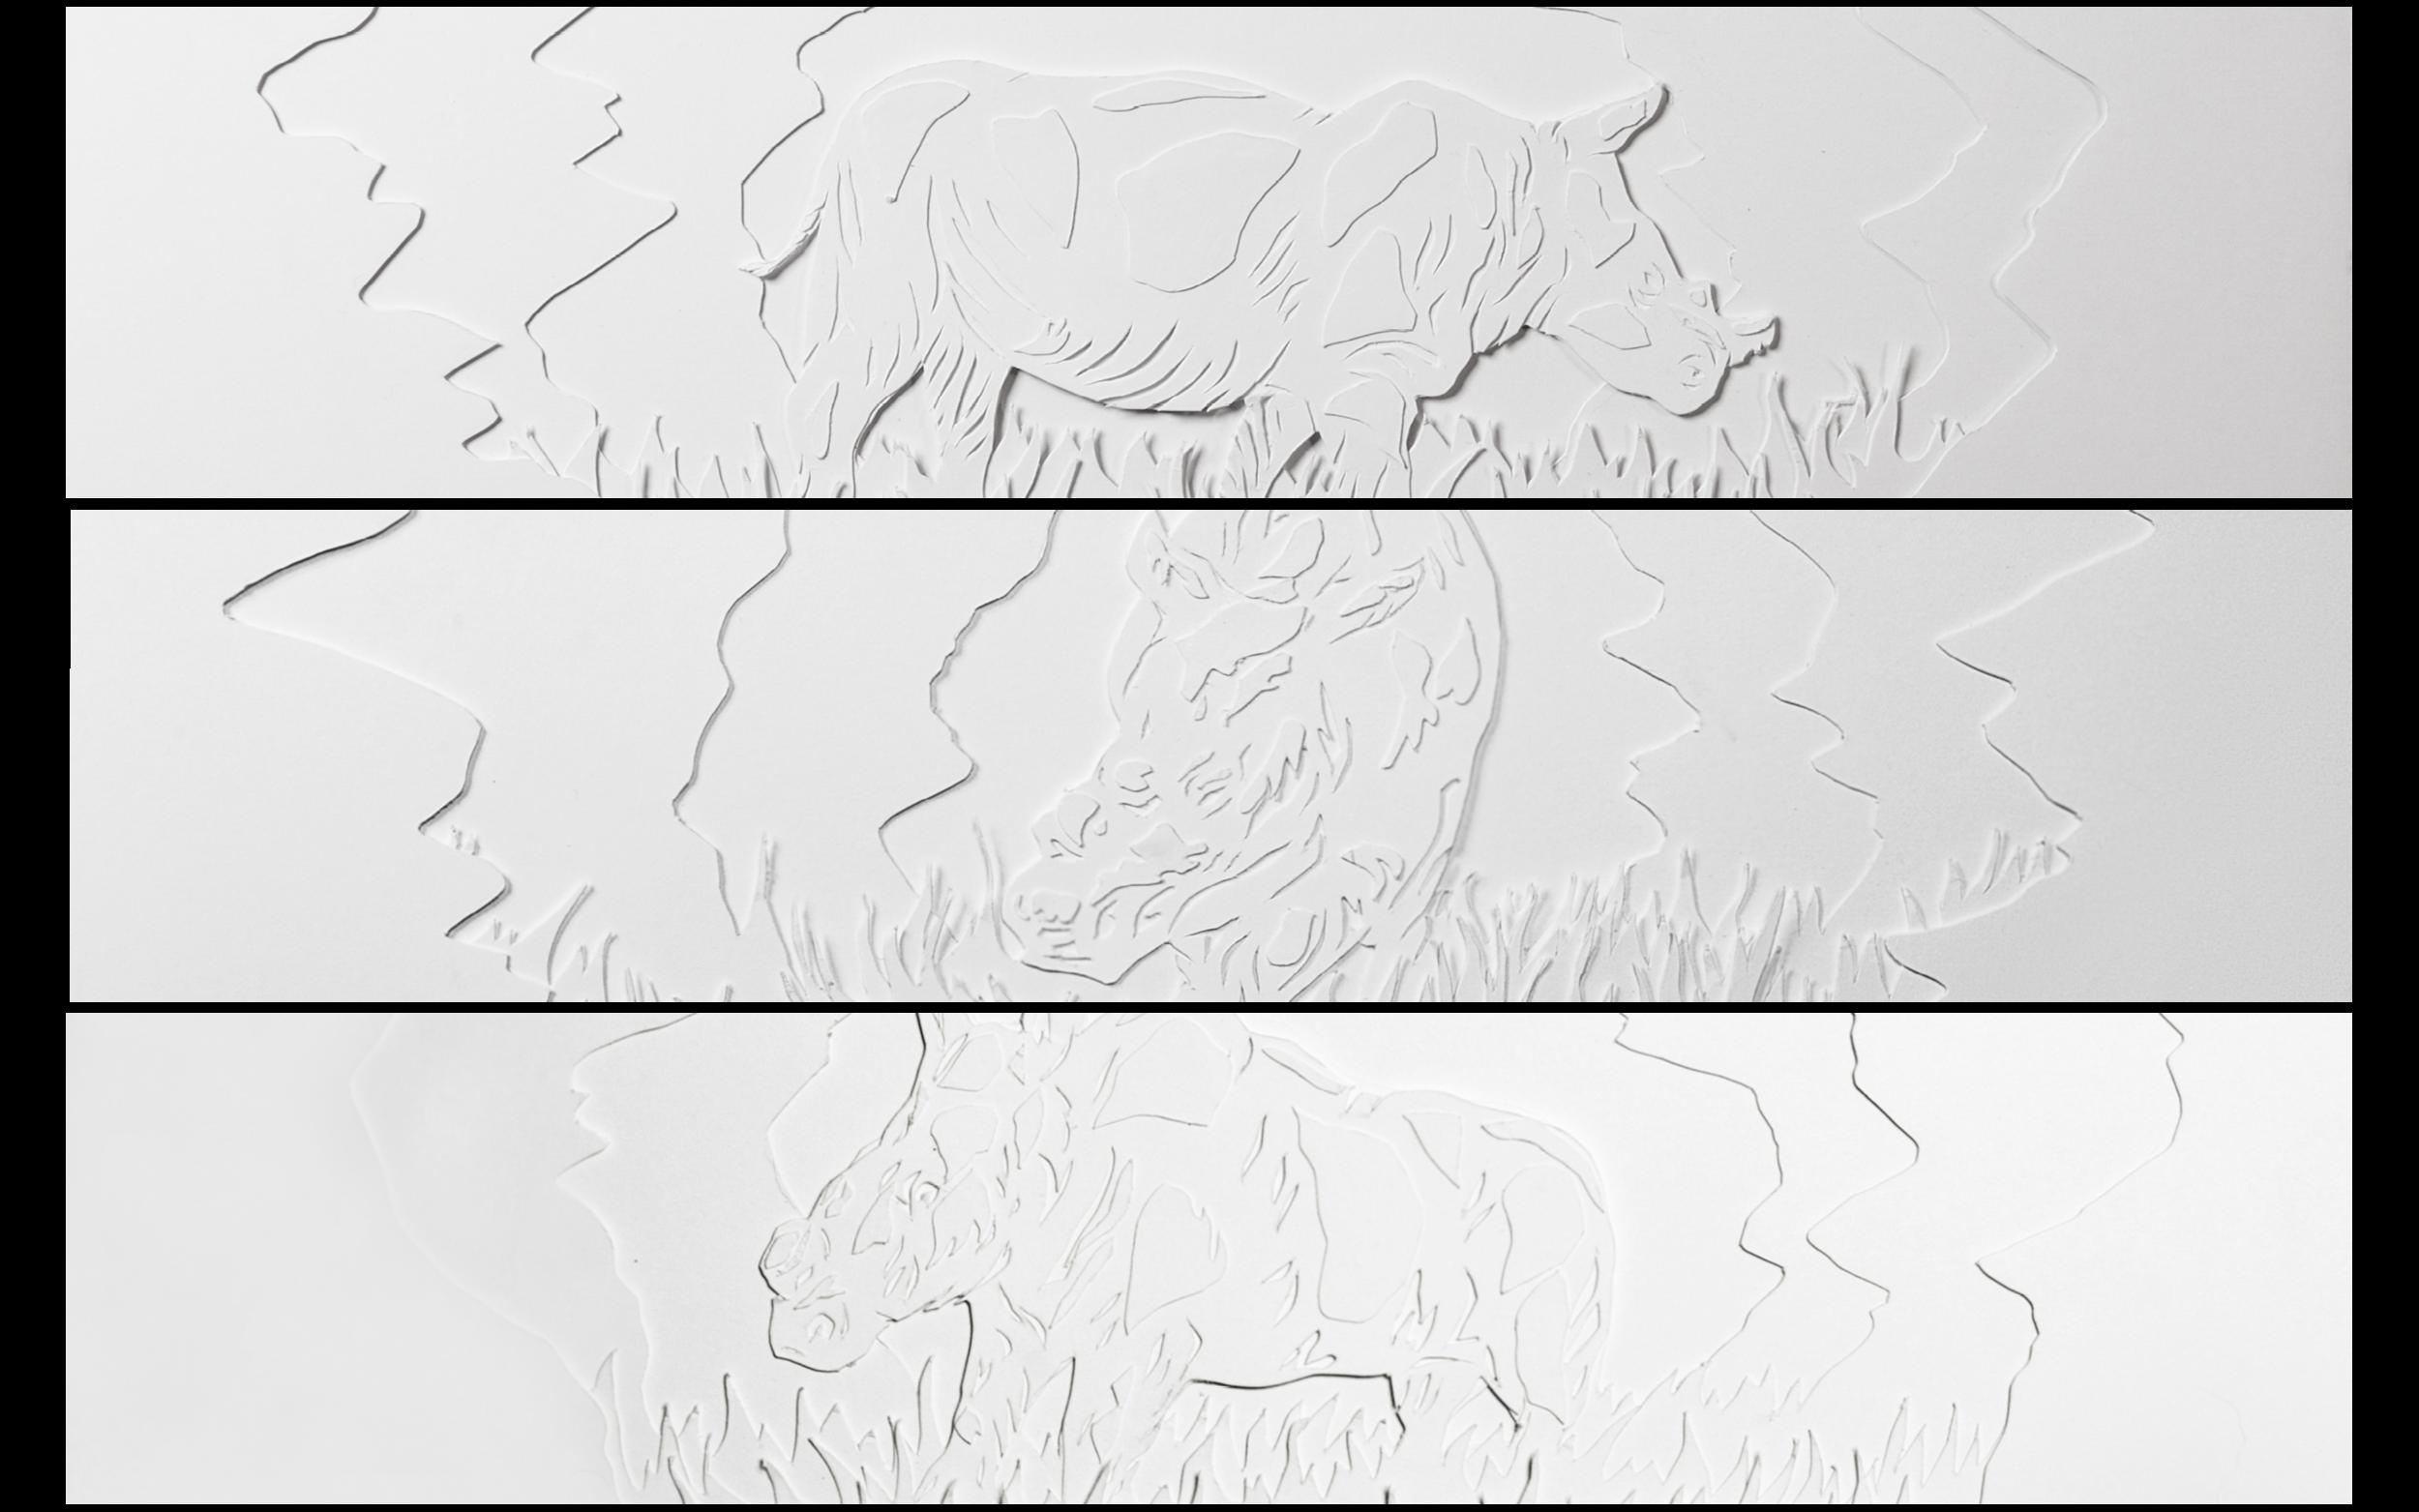 Rhino 1280 x 8004.png